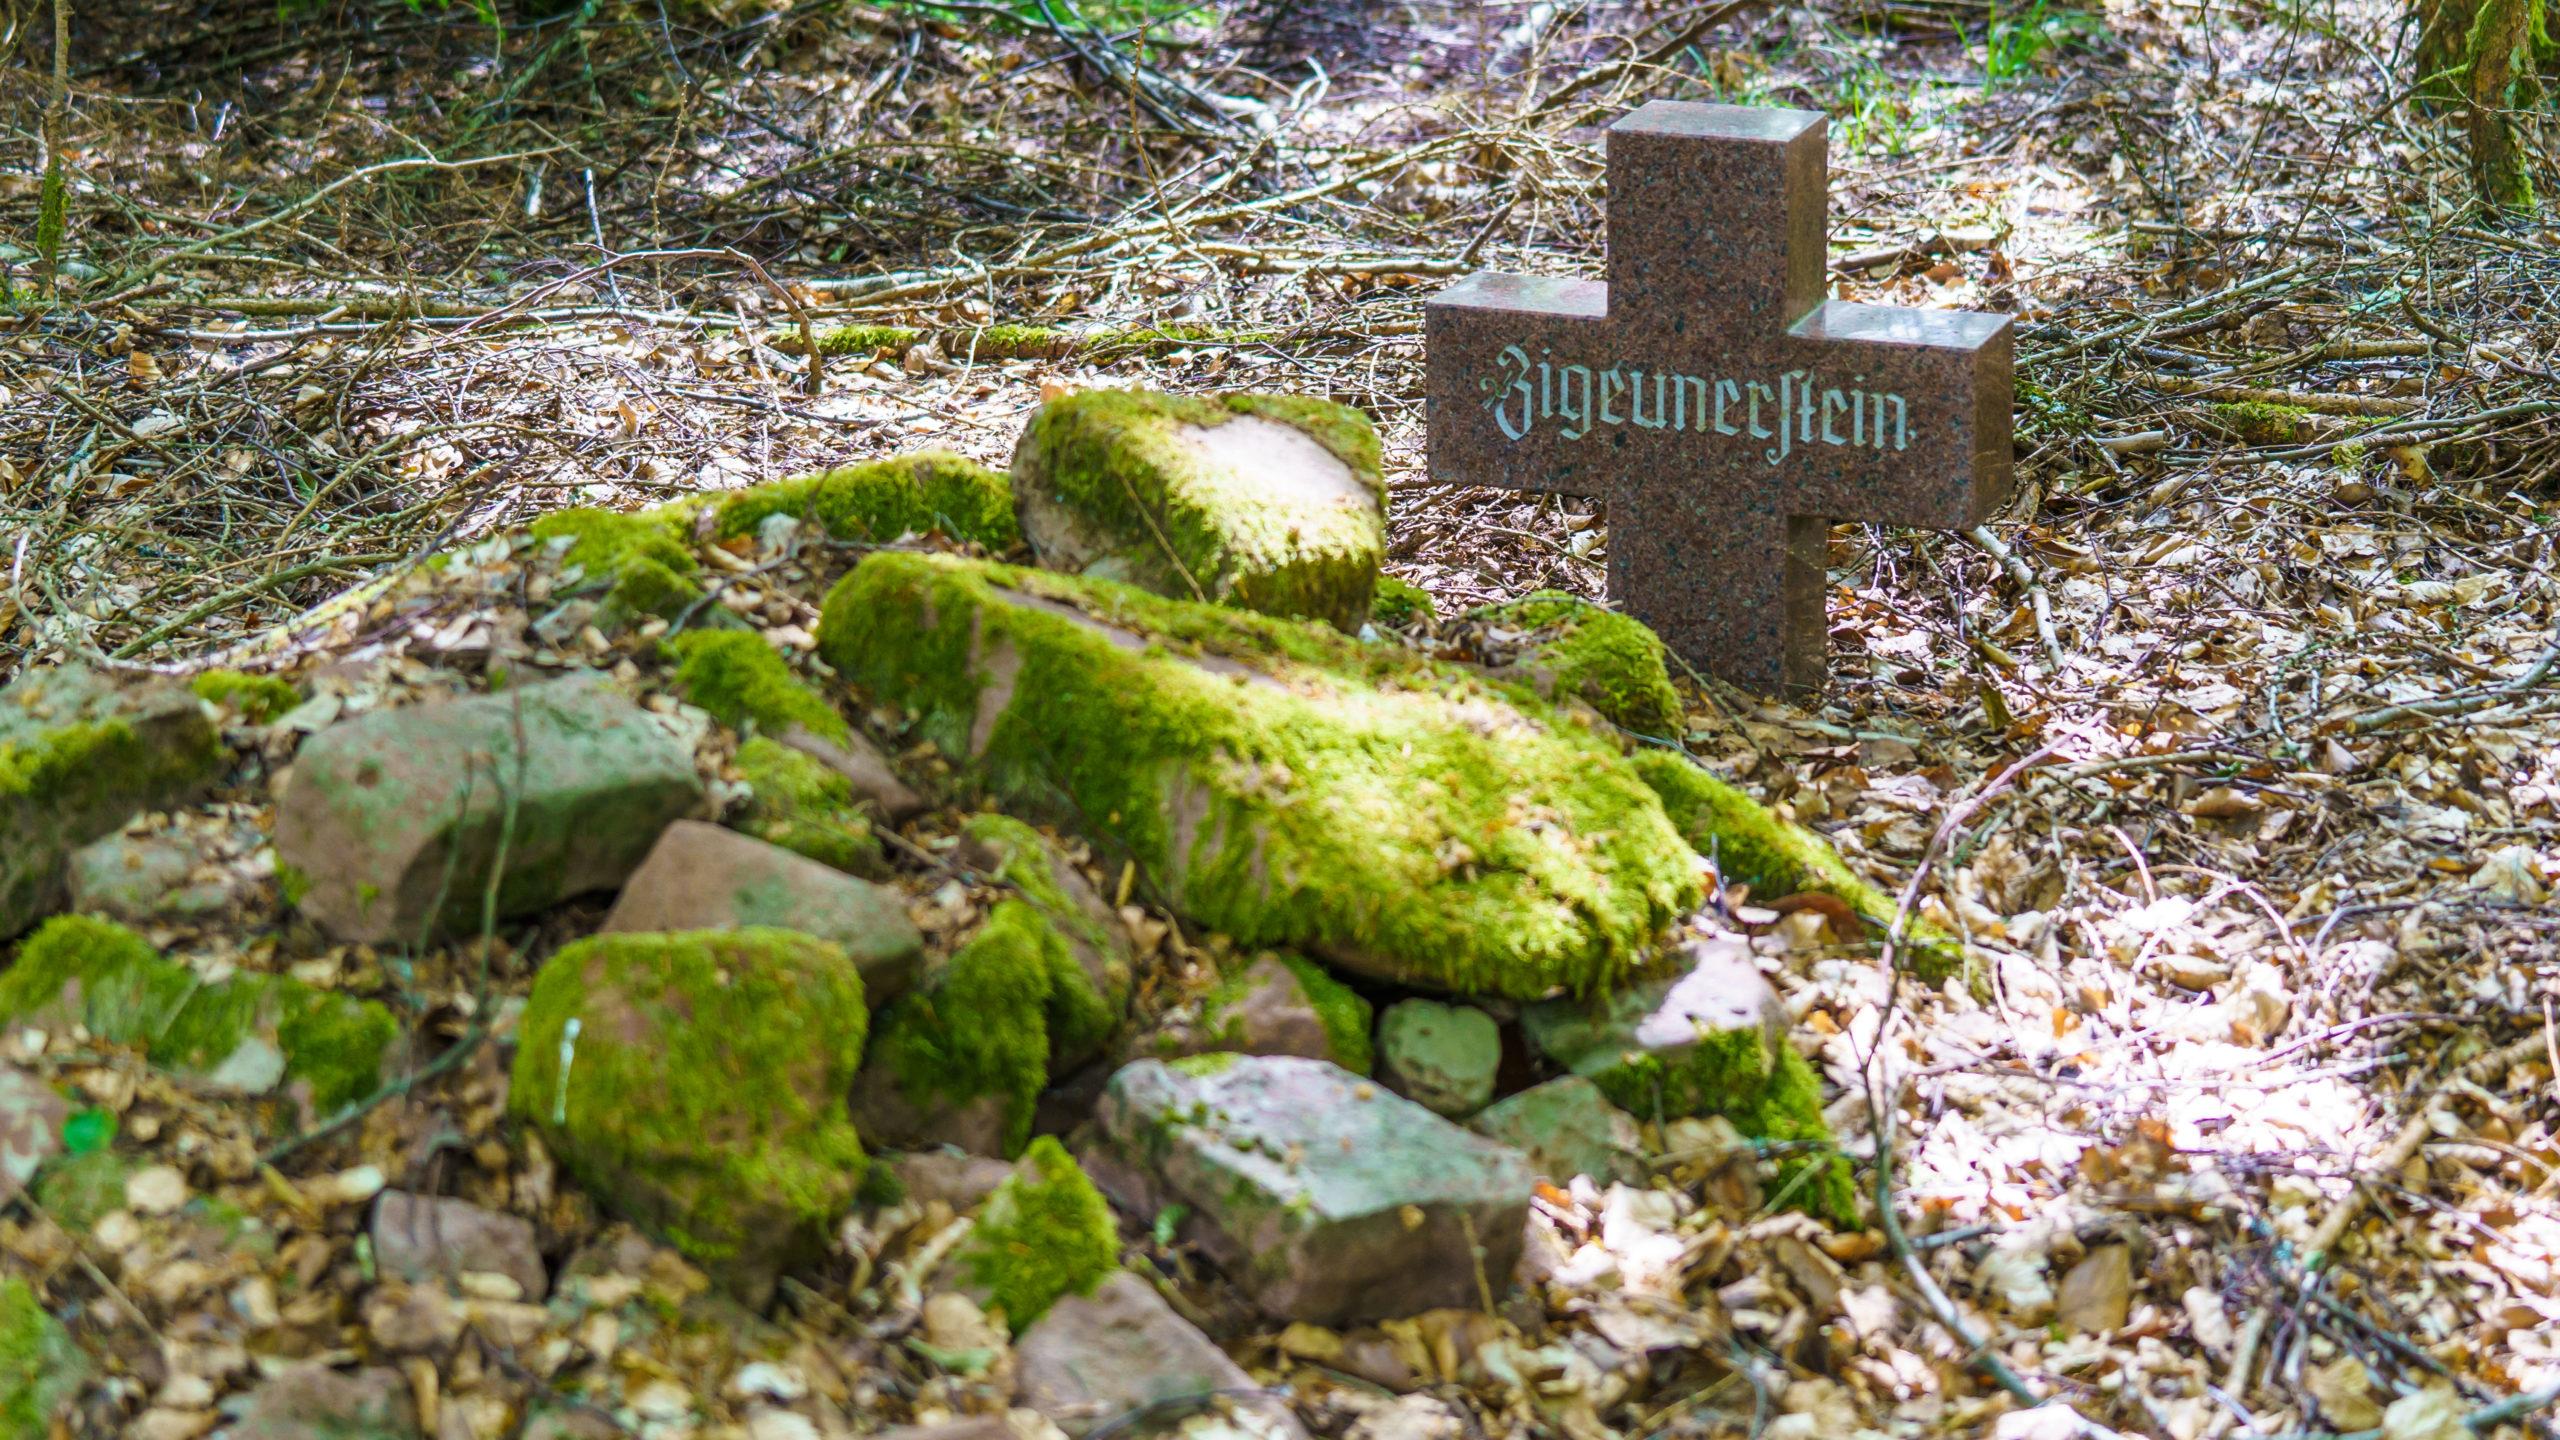 Grenzweg Gerstunger Forst, Zigeuner-Grabstätte (aus dem 16. Jh.) am gemeinsamen Weg nahe Arnsberg